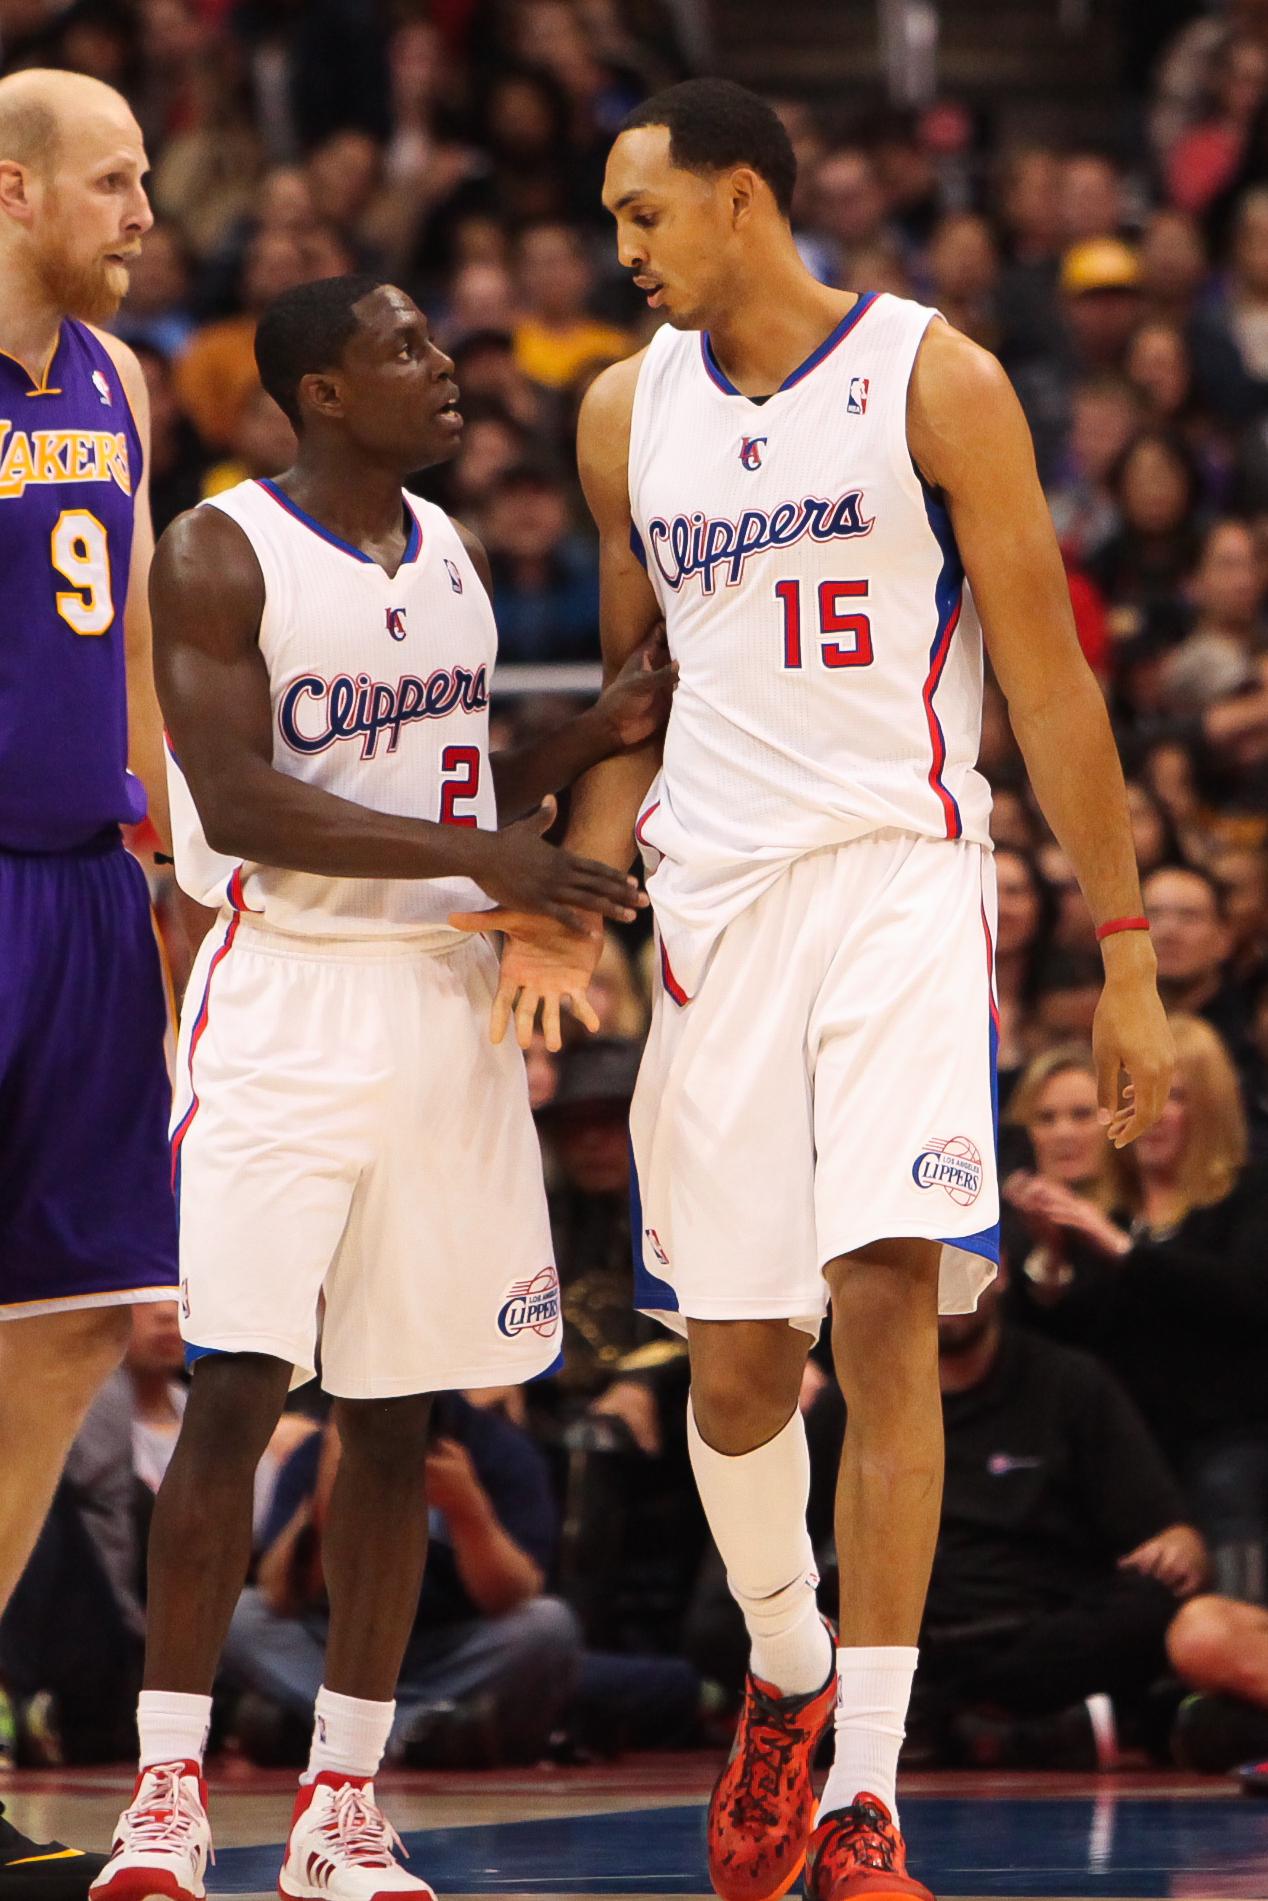 Photos by Varon P. Lakers-55.jpg